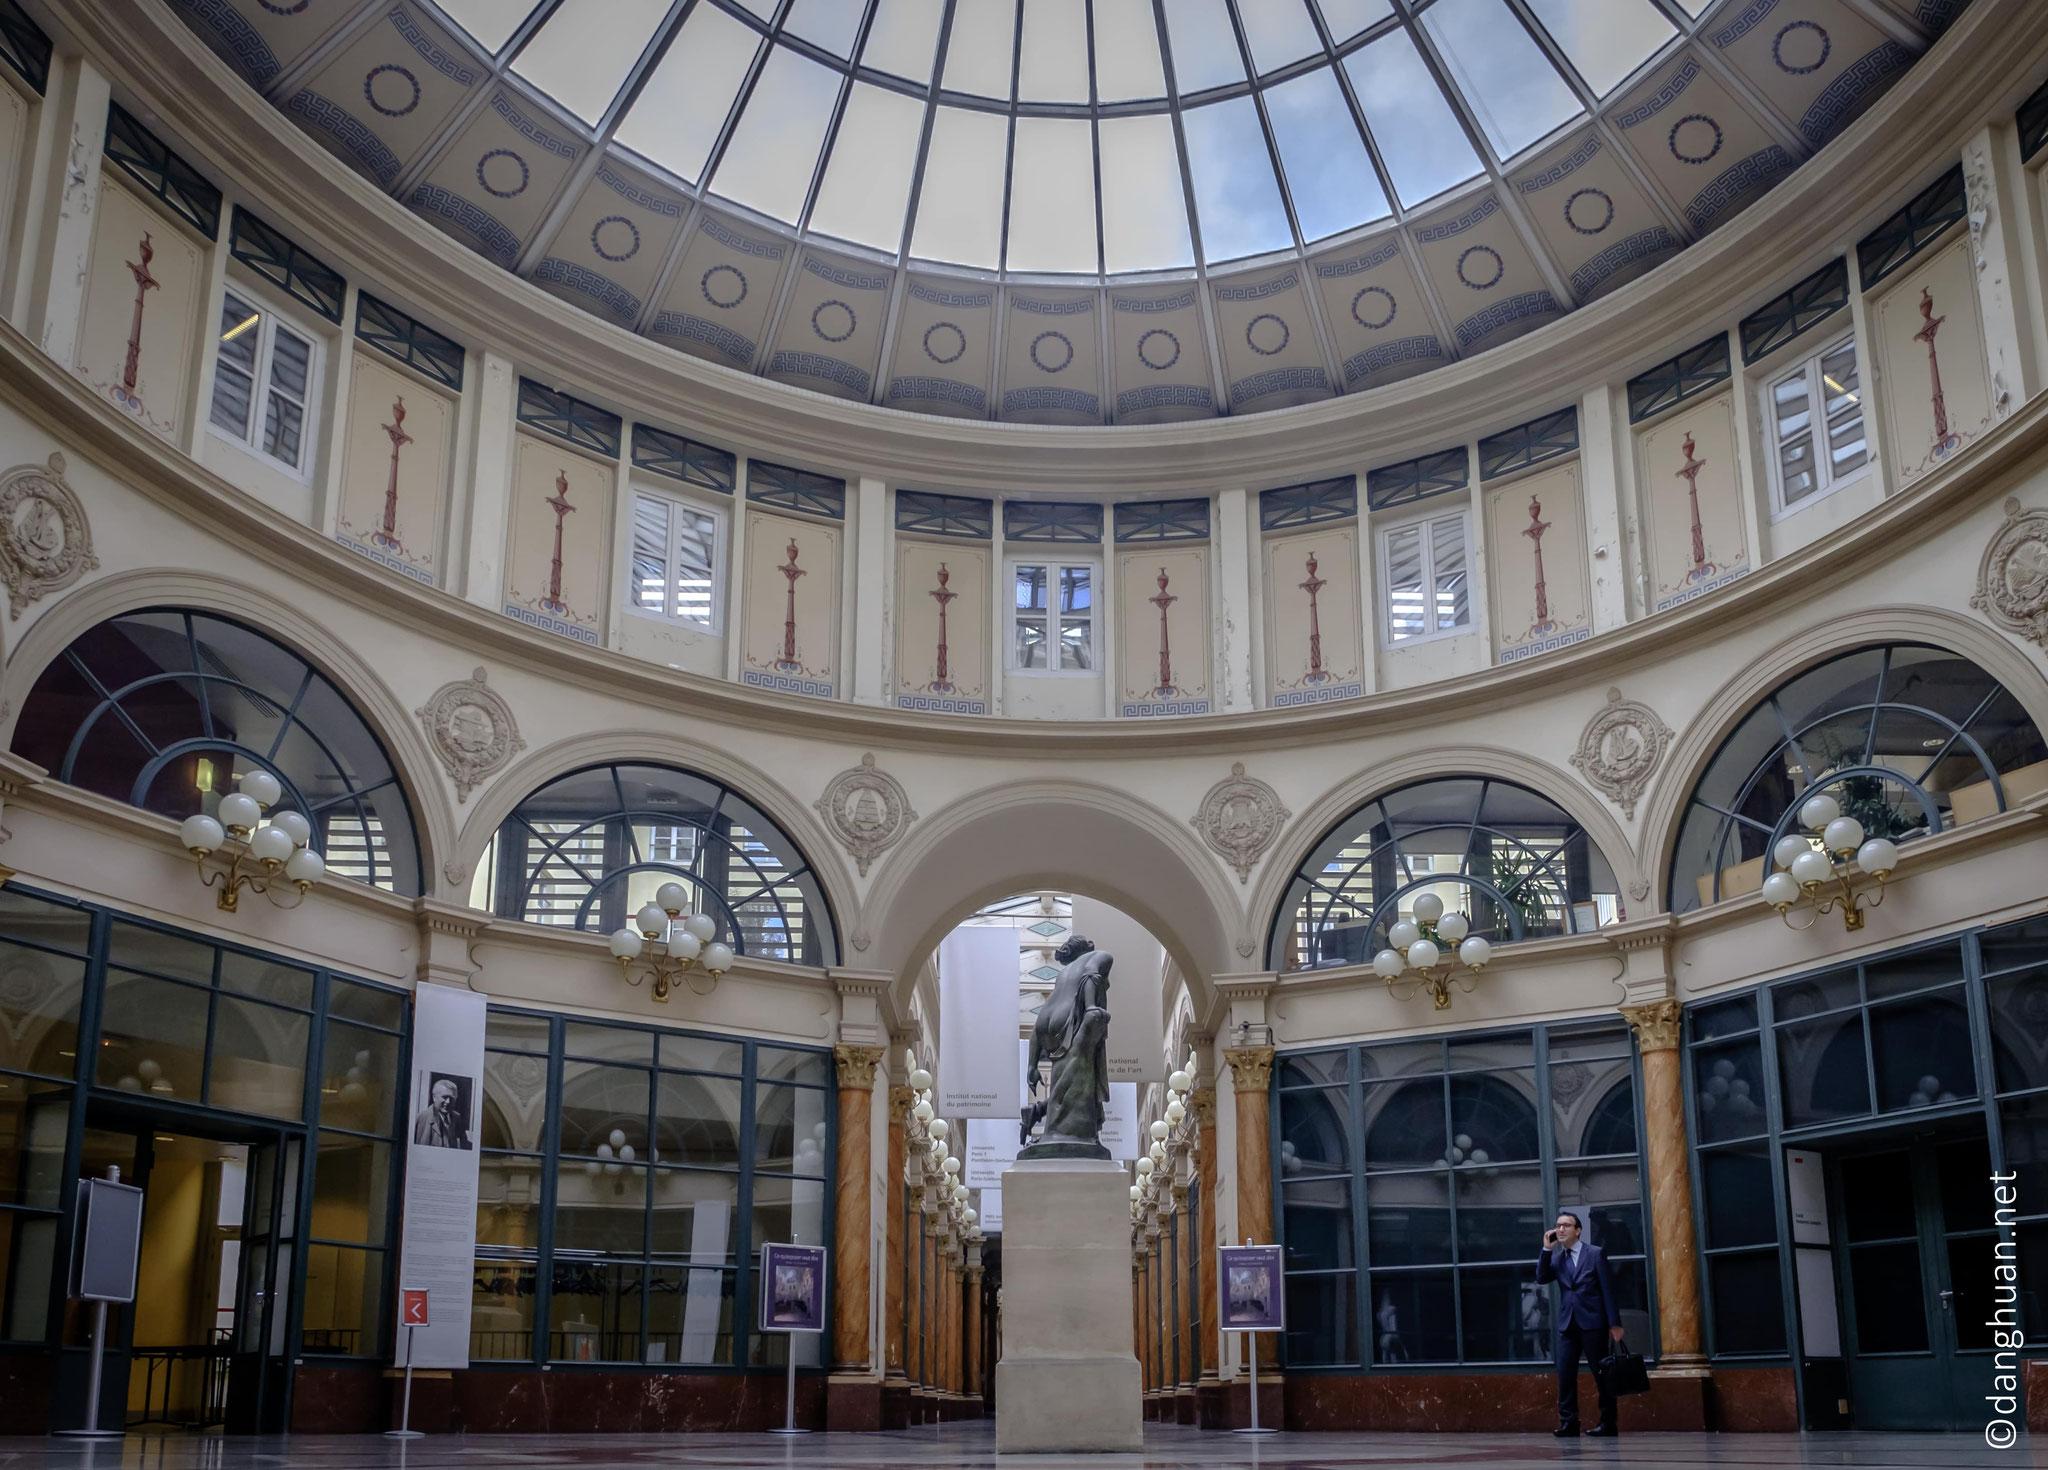 la Galerie Colbert  dispose d'une magnifique rotonde surmontée d'une coupole en verre